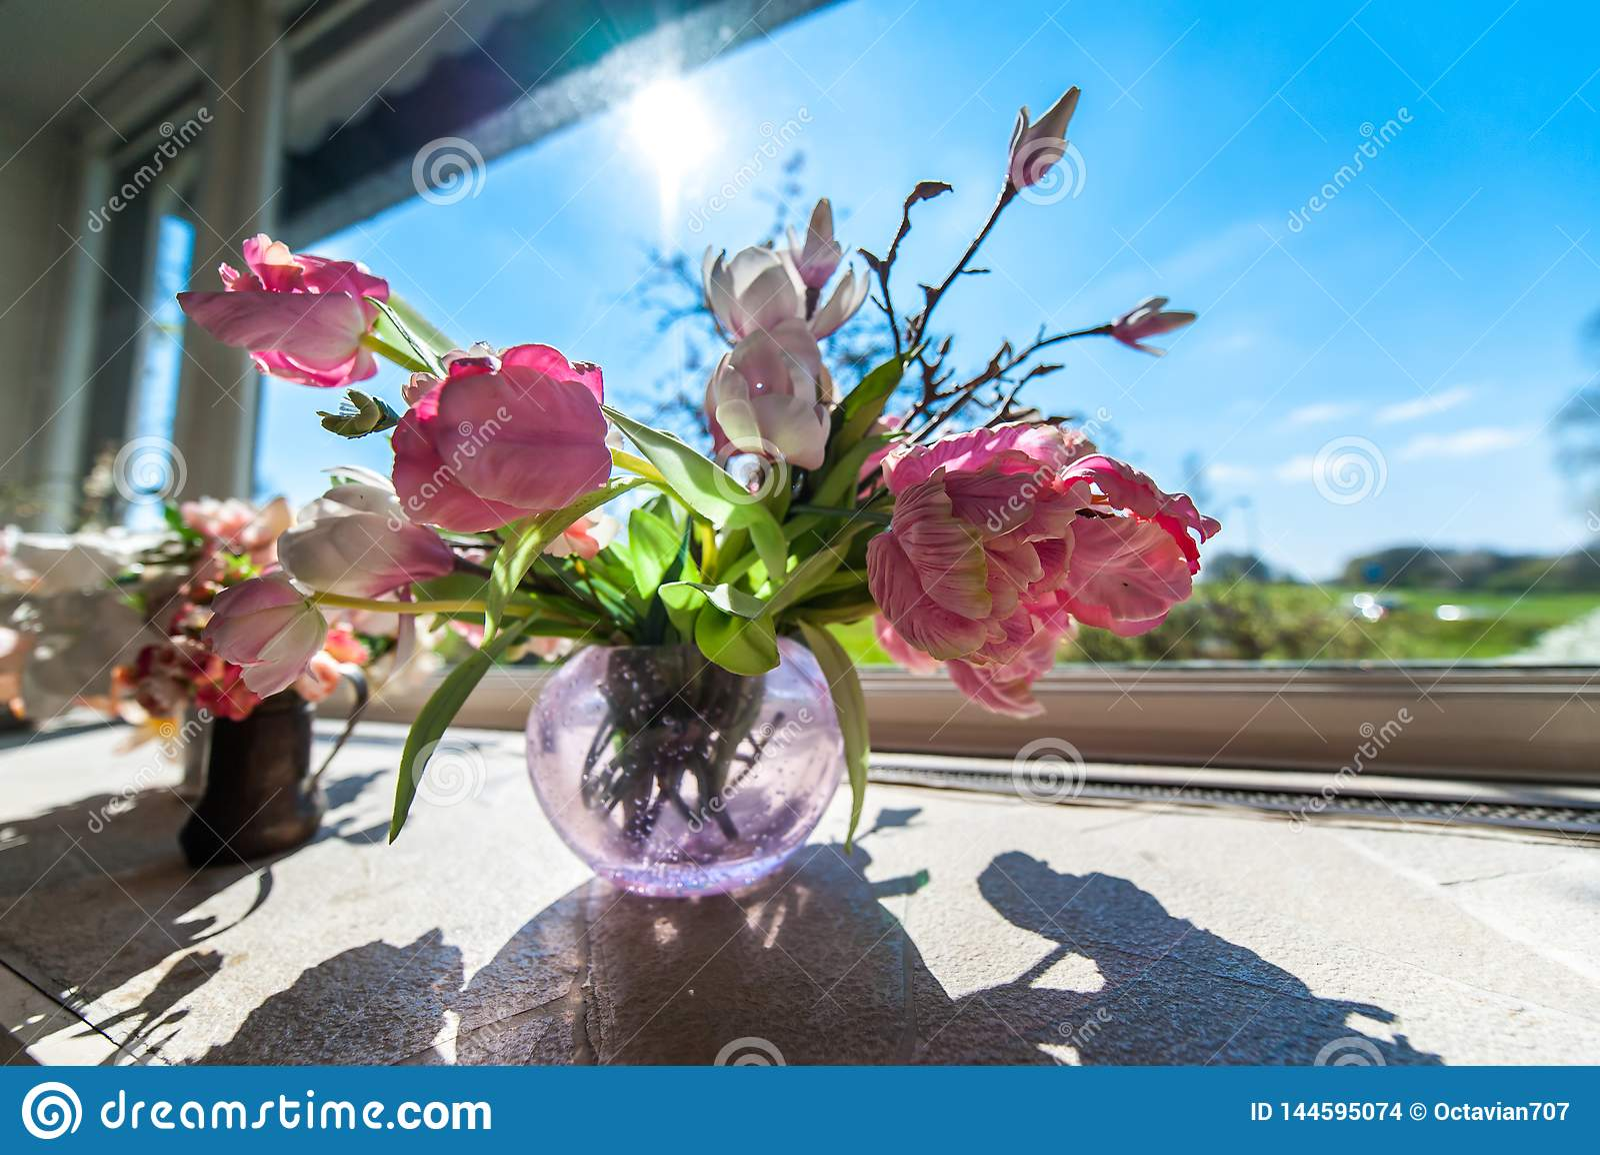 Цветки в вазе перед окном с голубым небом